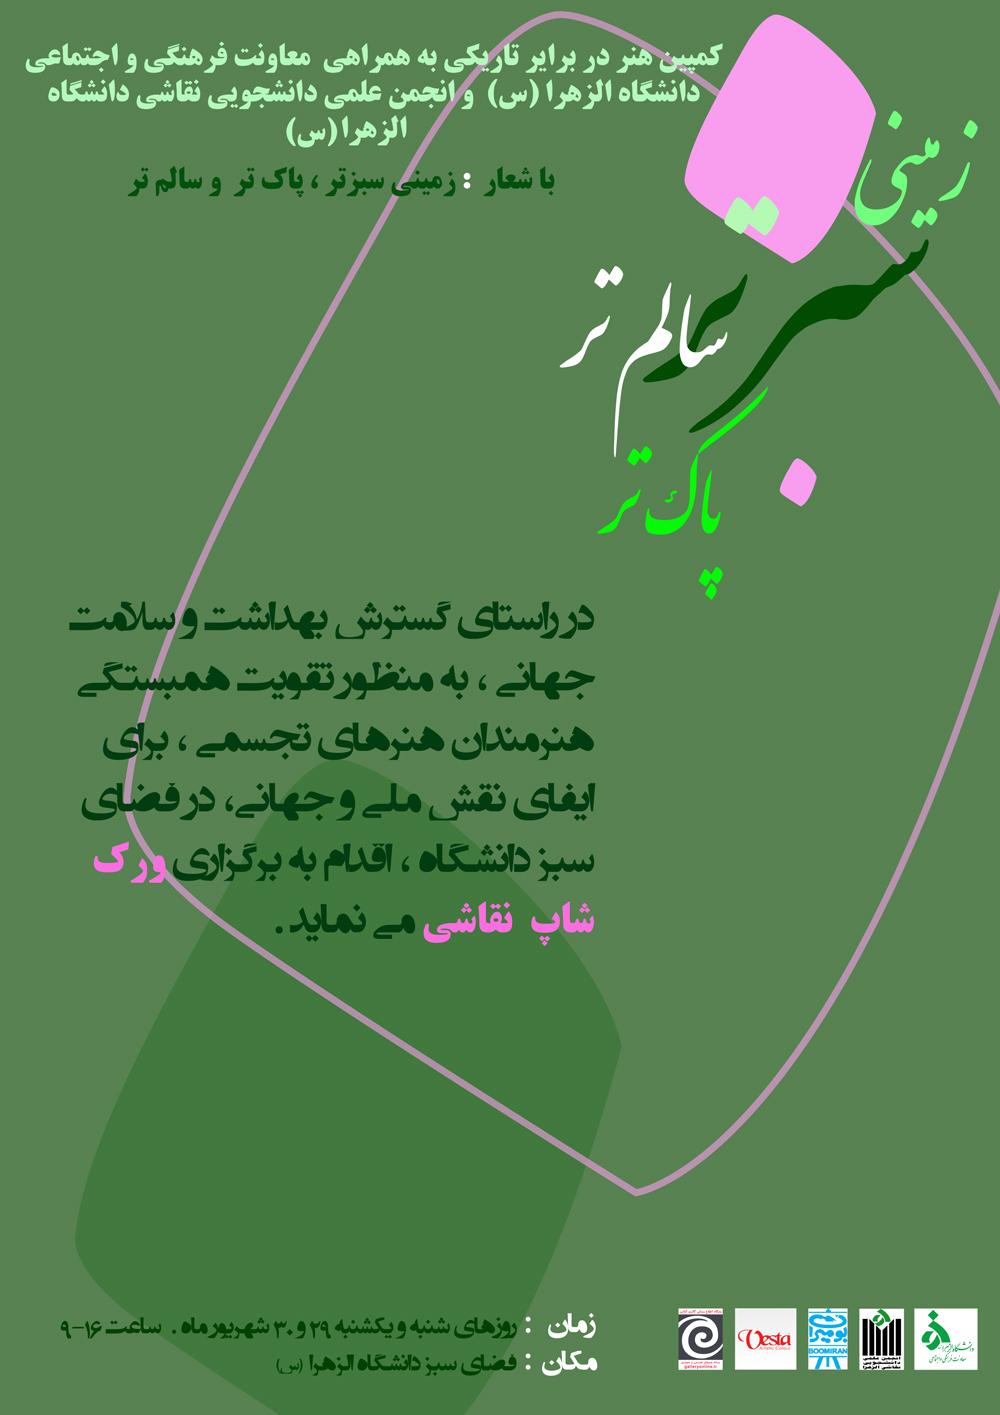 فراخوان برگزاری ورکشاپ نقاشی با شعار: زمینی سبزتر، پاك تر و سالم تر